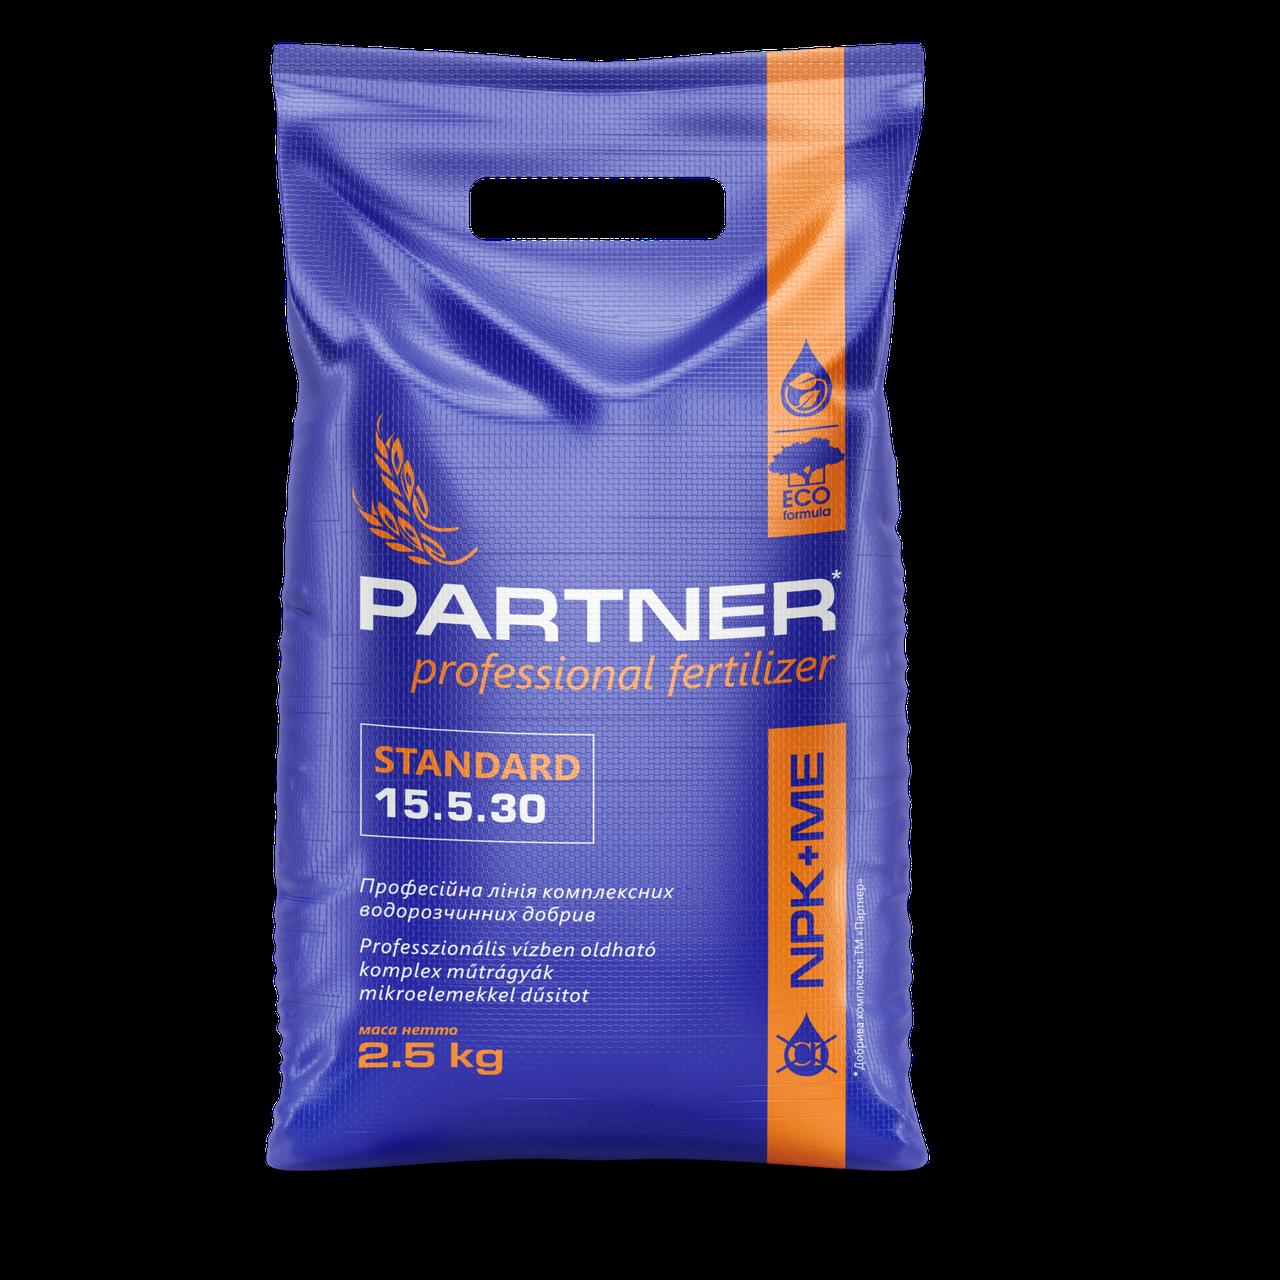 Удобрение Партнер 15.5.30 (2,5 кг.) Стандарт